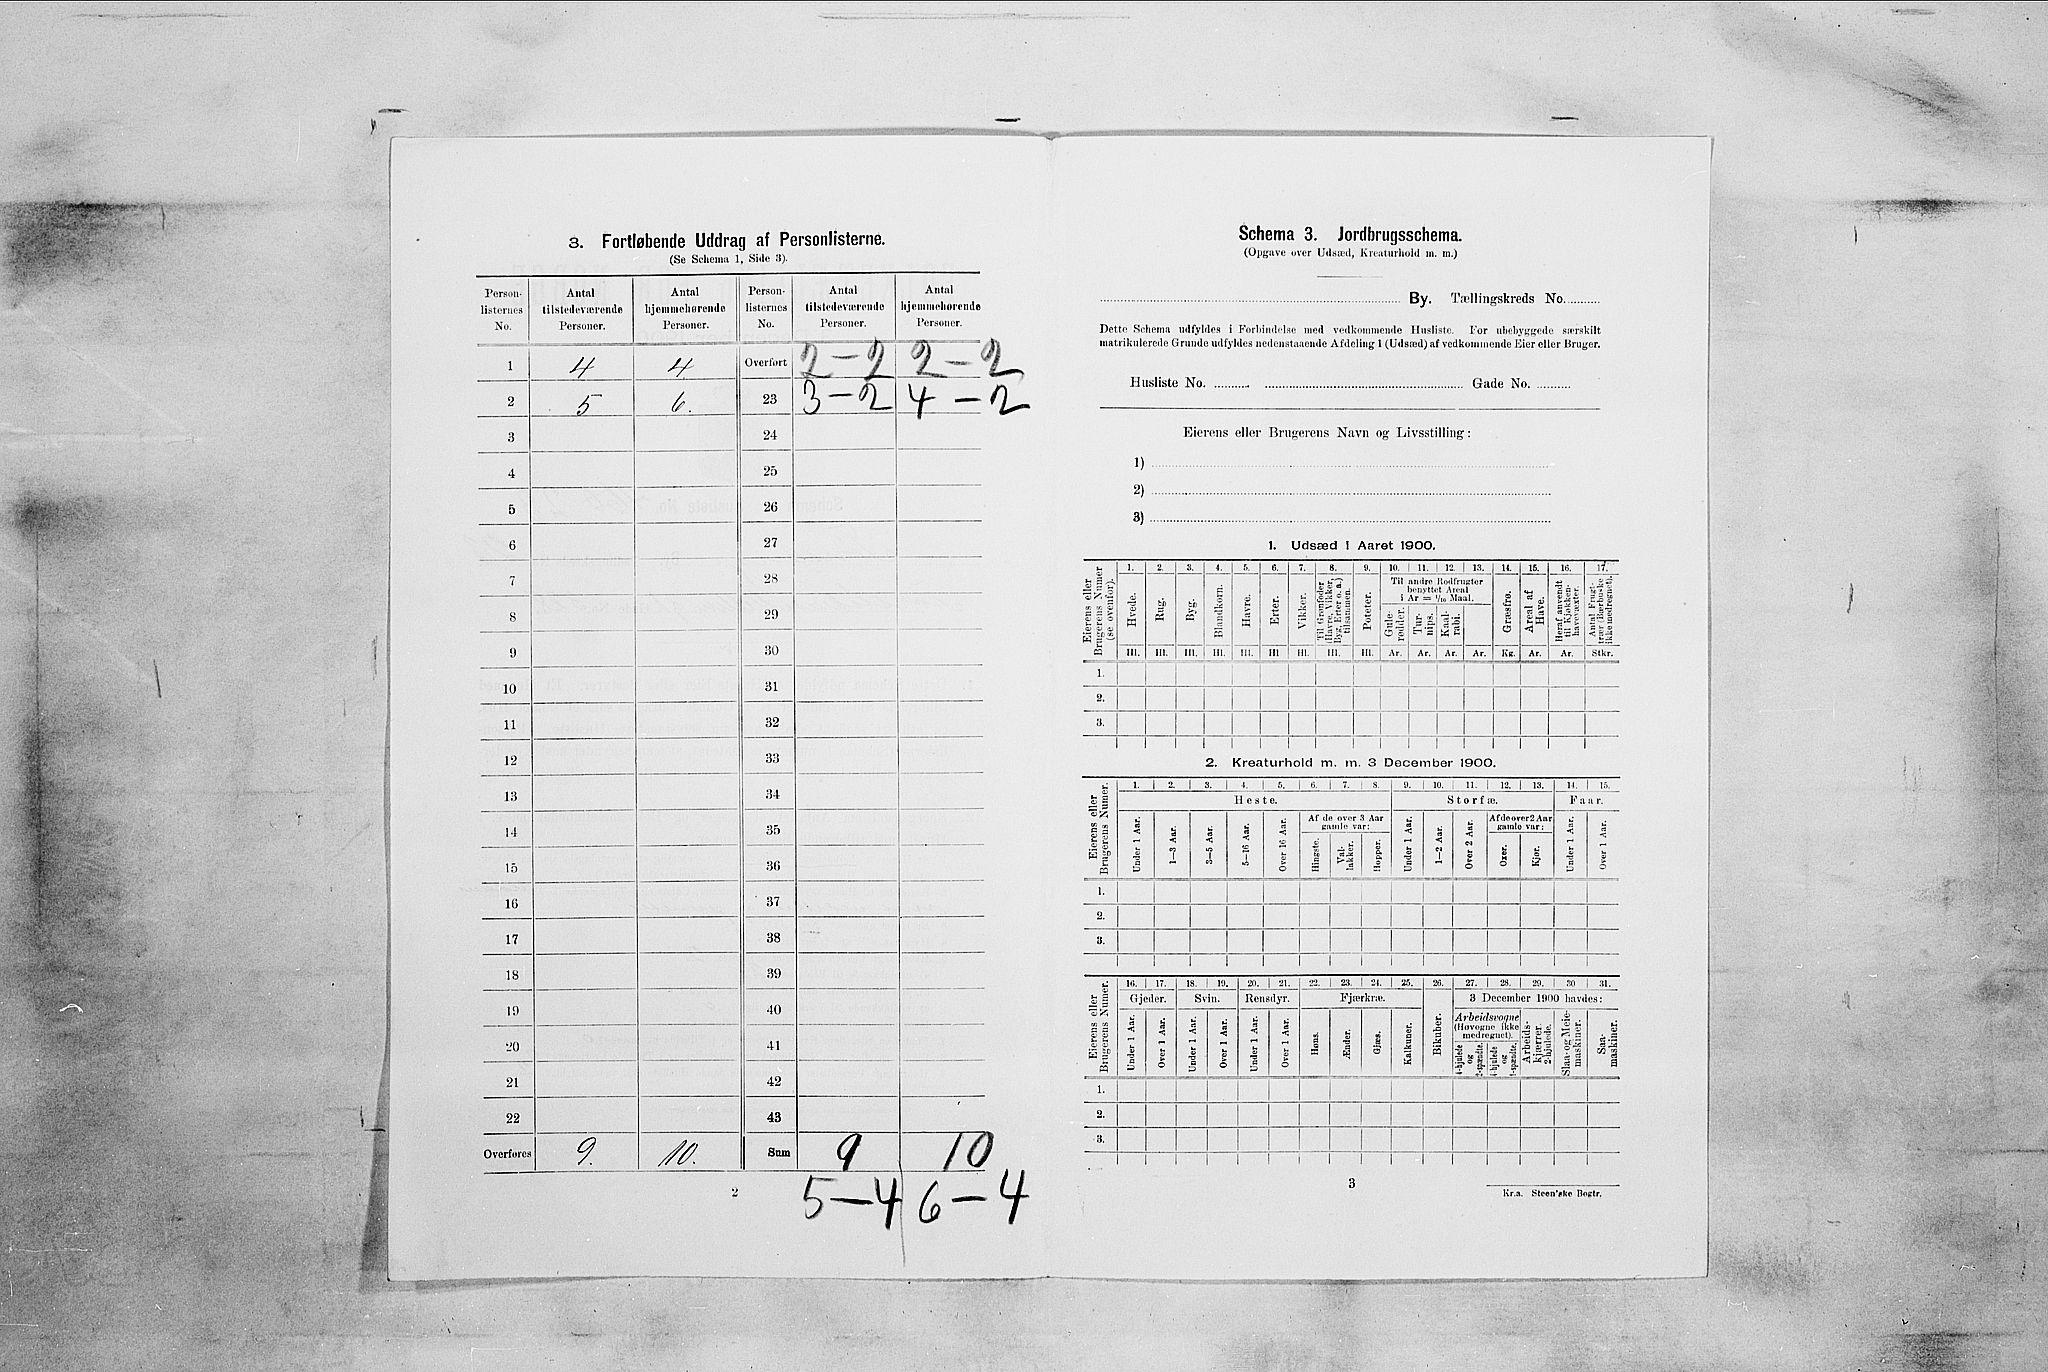 RA, Folketelling 1900 for 0705 Tønsberg kjøpstad, 1900, s. 3679